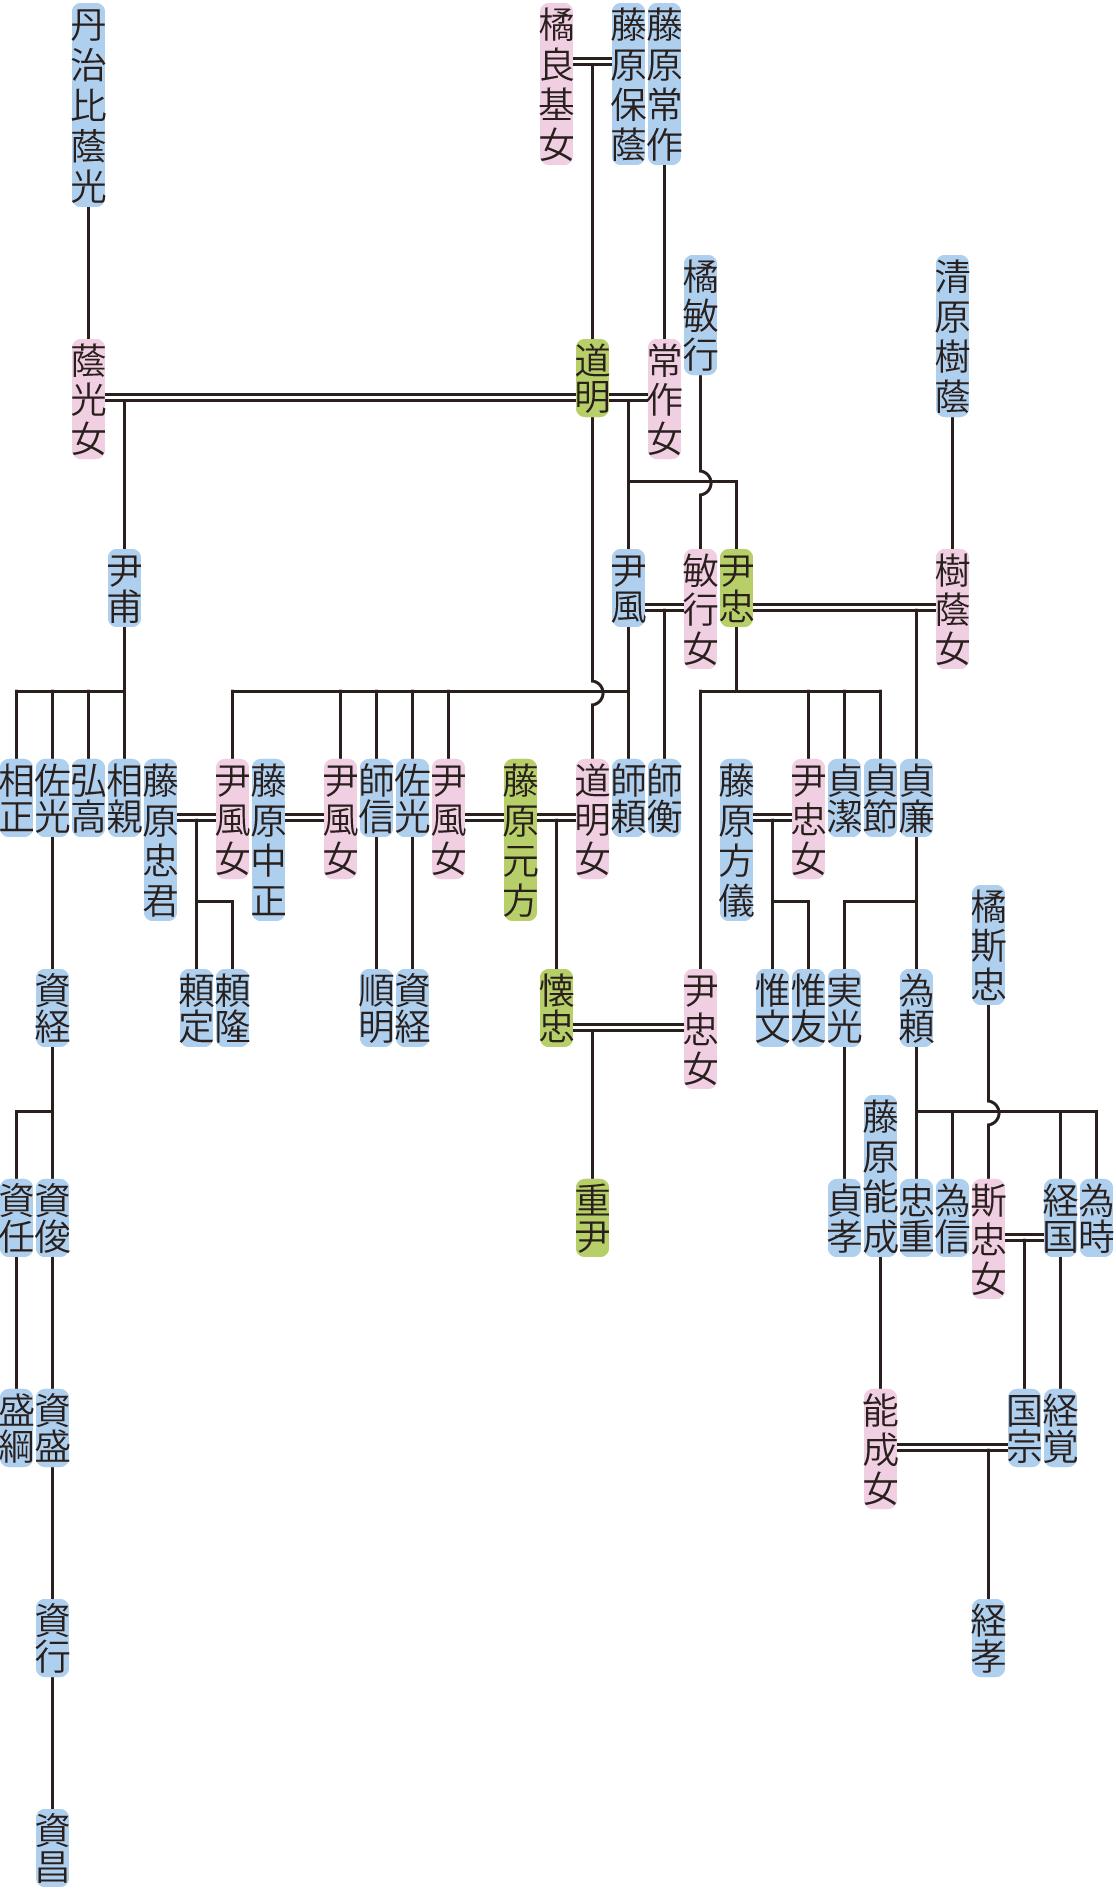 藤原尹甫・尹忠・尹風の系図